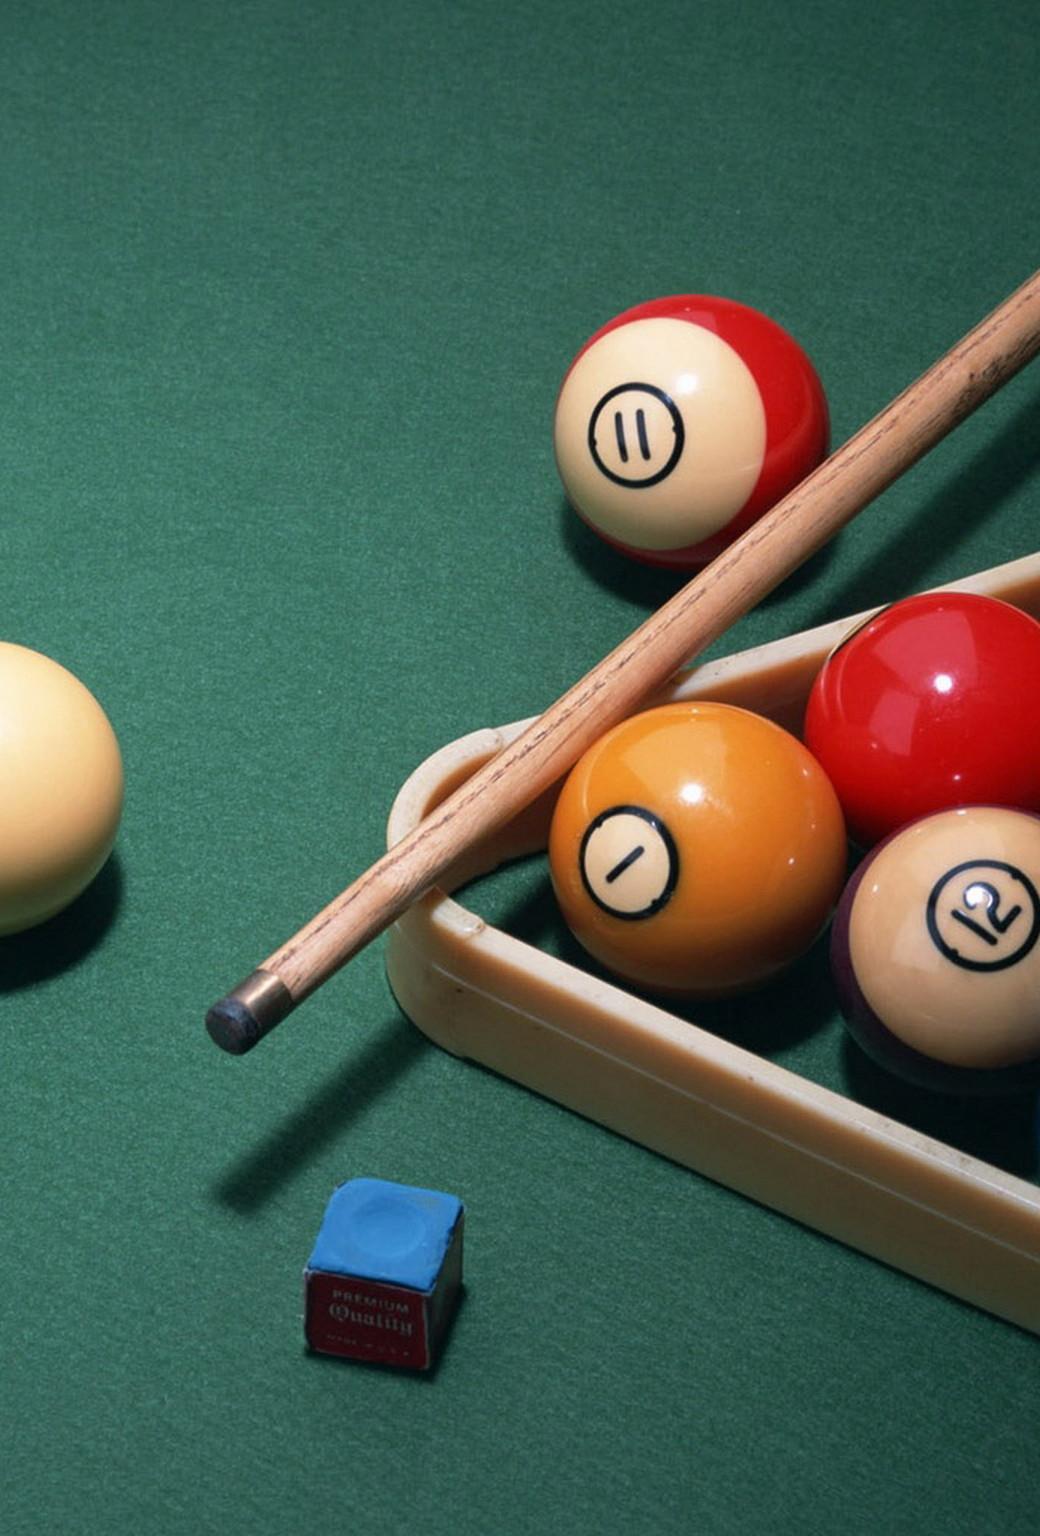 Lets play billiard billiard balls on the table 1040x1536jpg 1040x1536